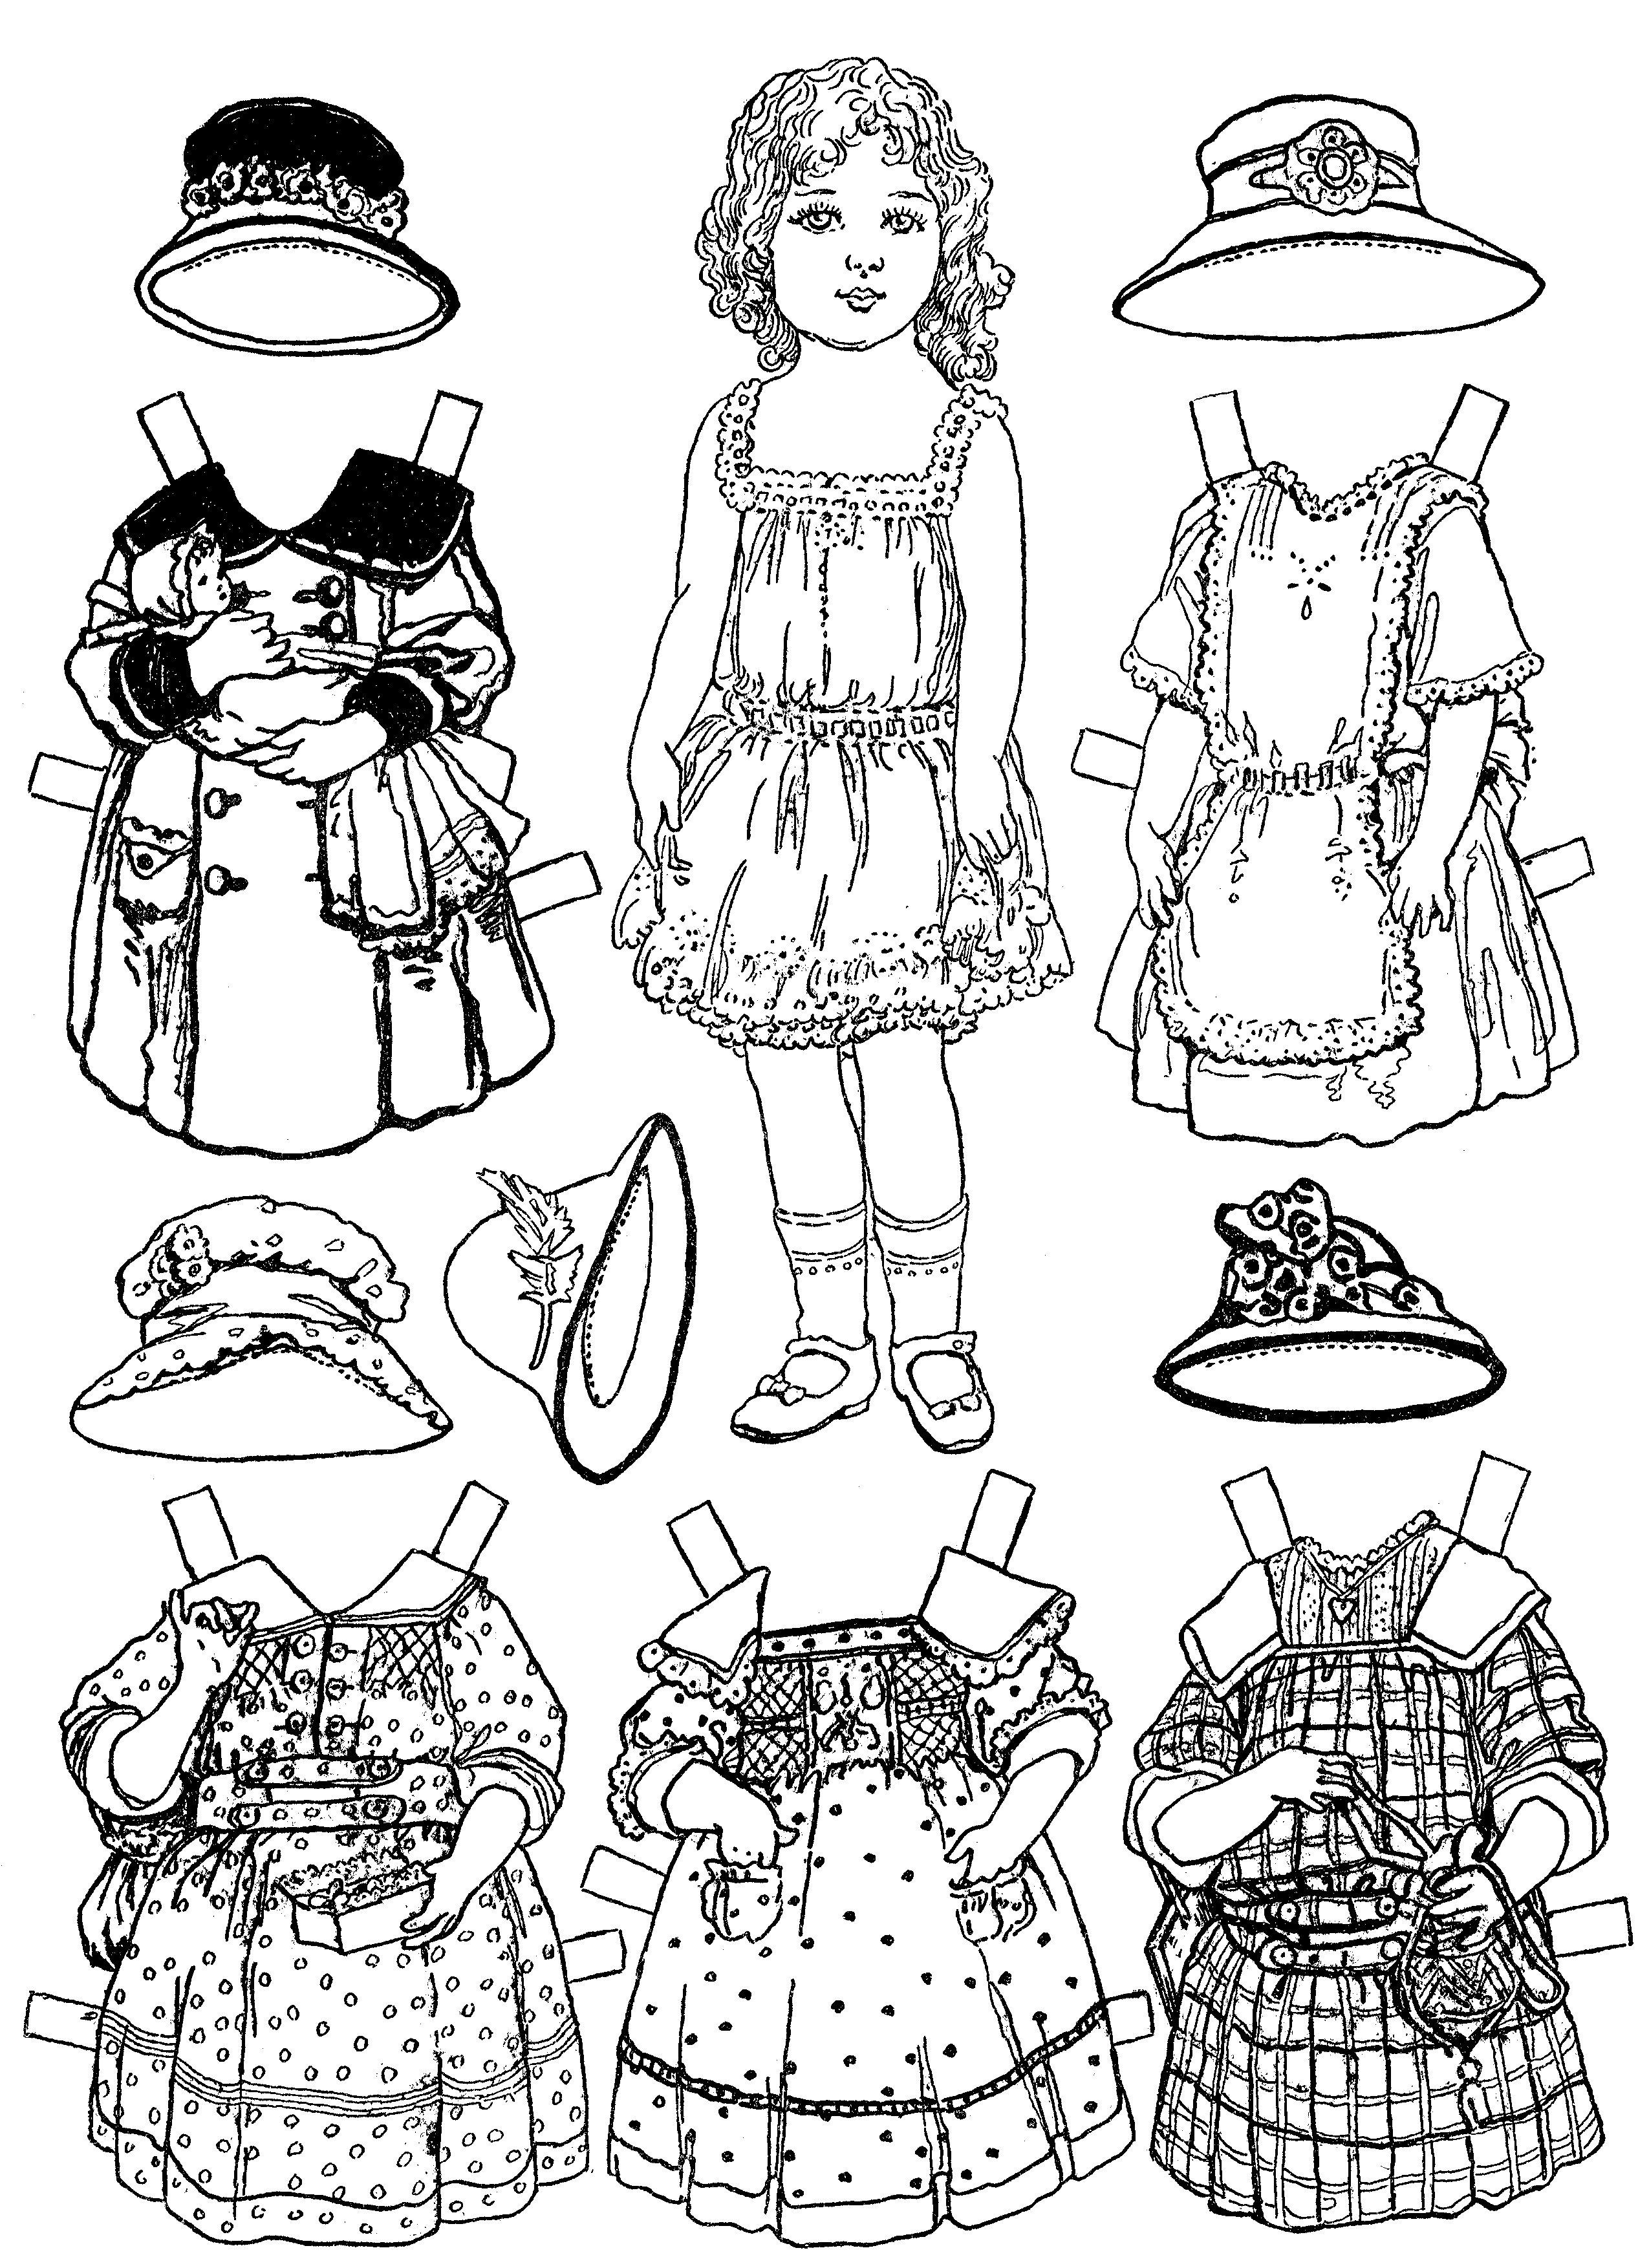 Кукла и платья для куклы Галерея раскрасок с цветами онлайн